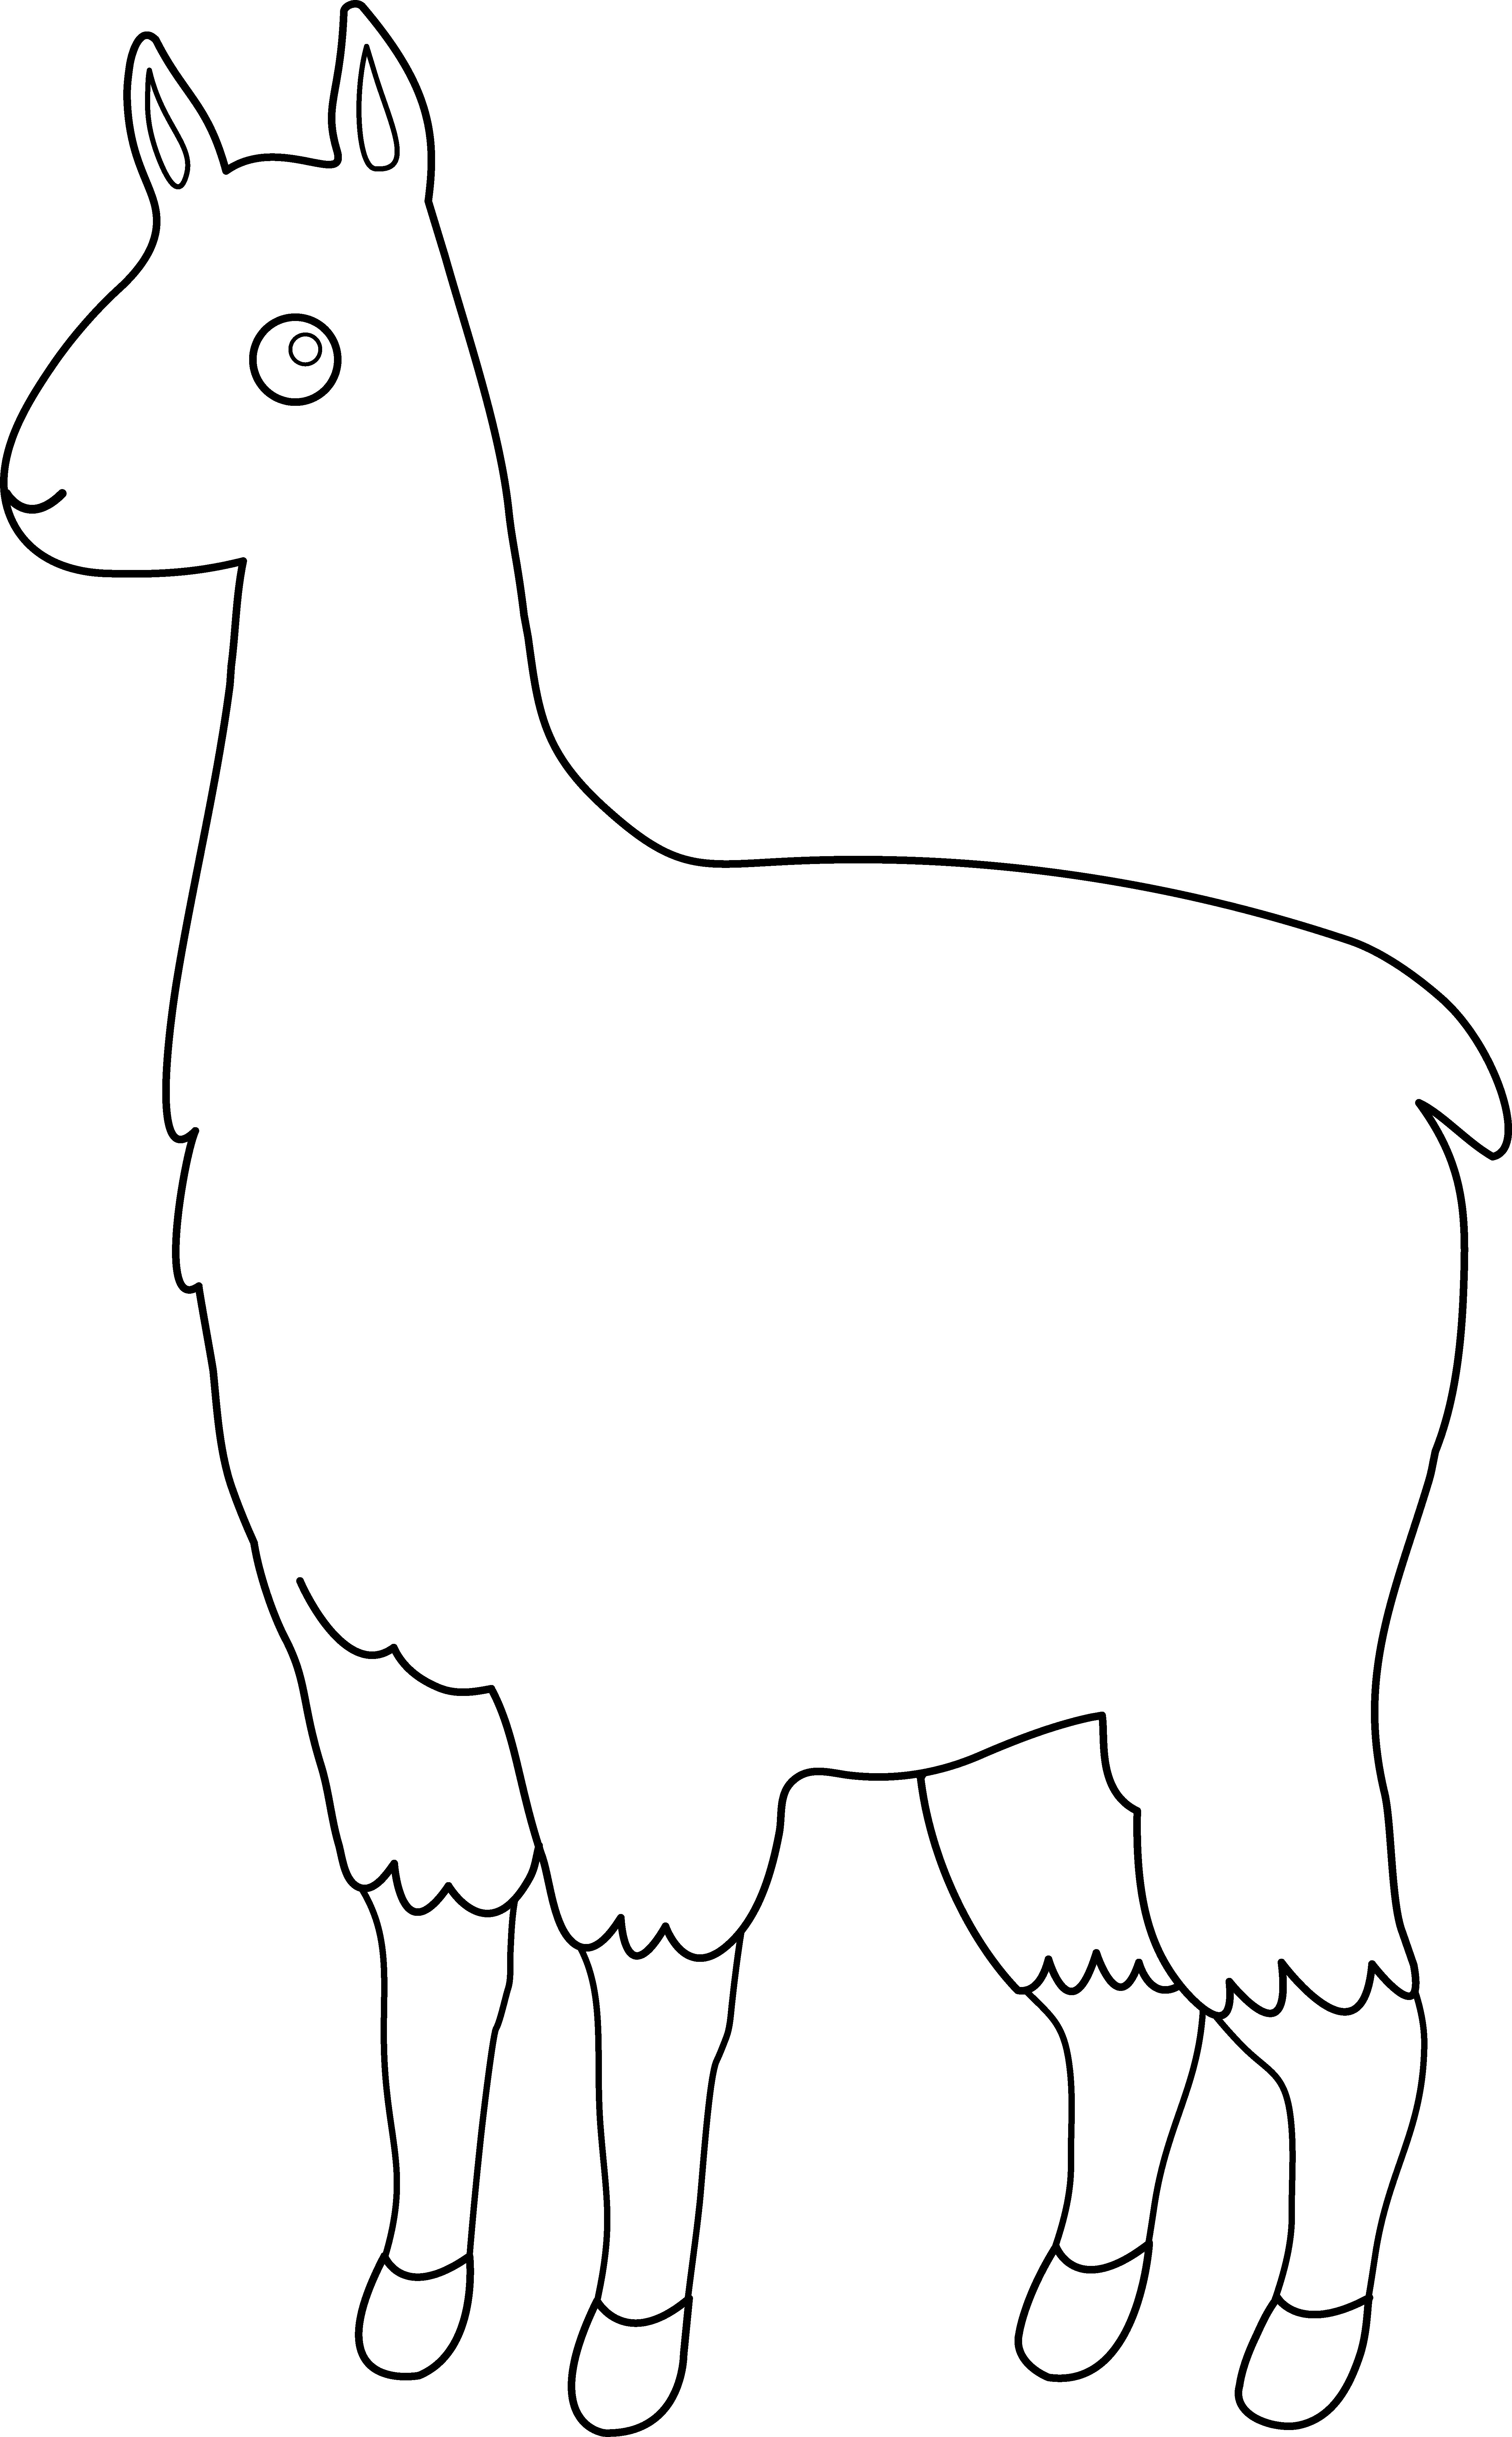 Free Alpaca Cliparts, Download Free Clip Art, Free Clip Art.